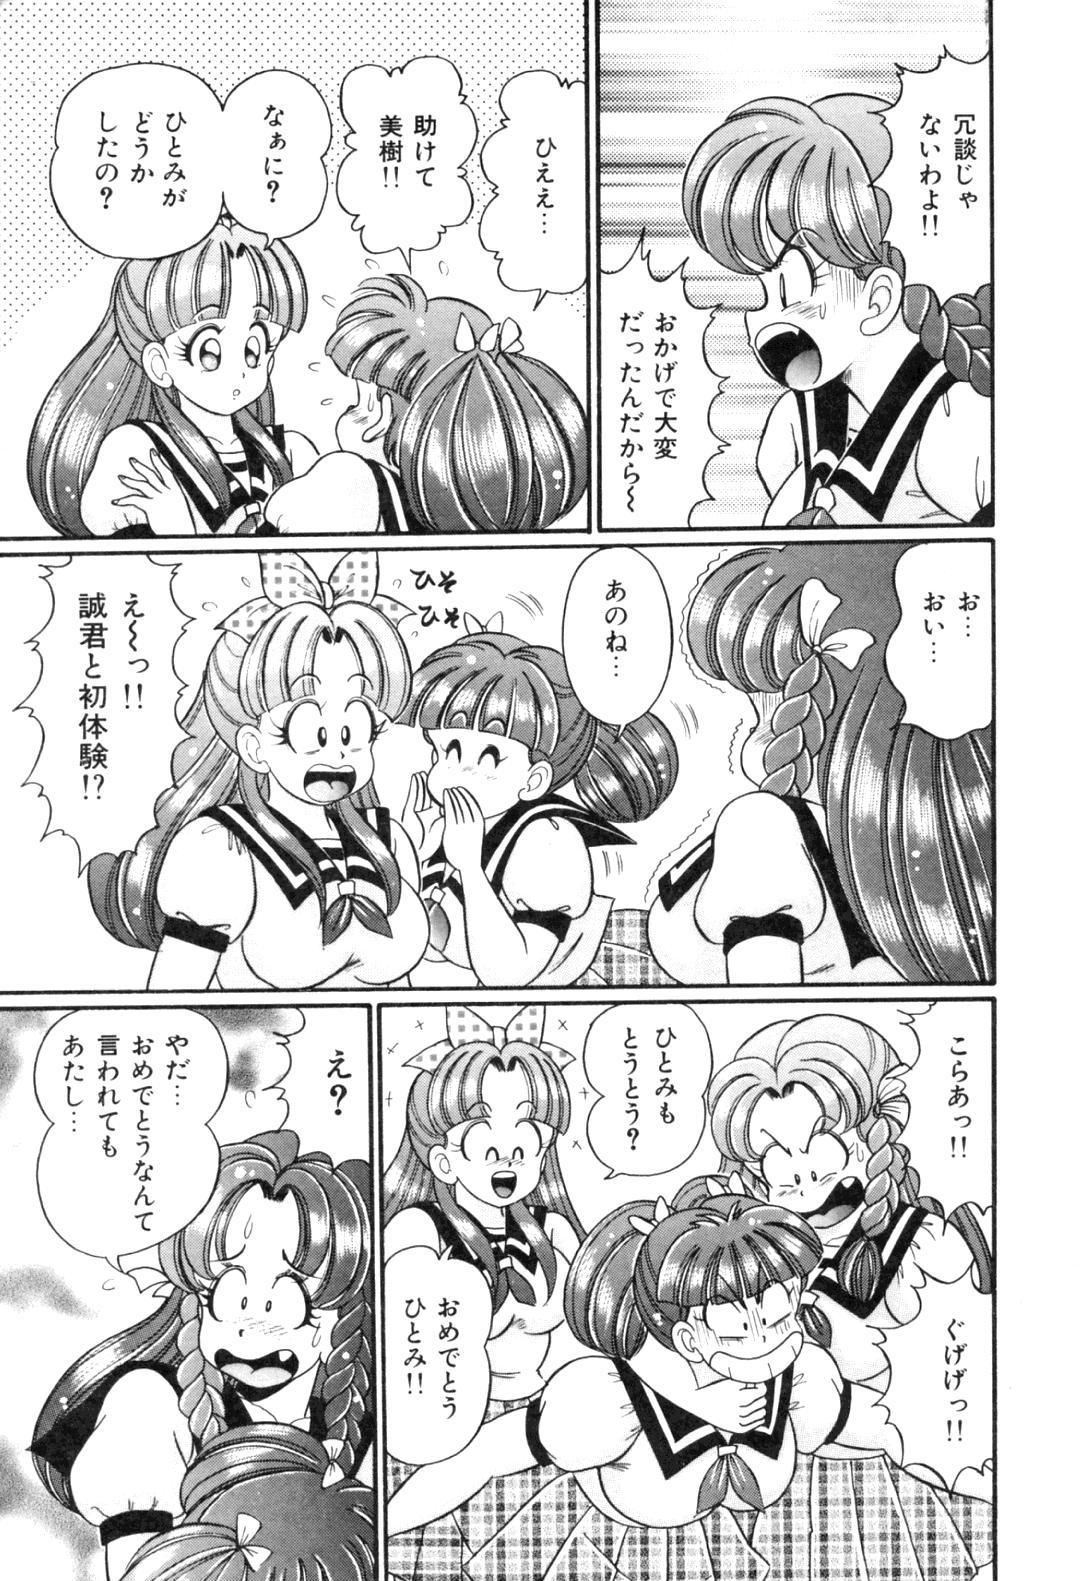 [Watanabe Wataru] Tonari no Onee-san - Sister of Neighborhood 62